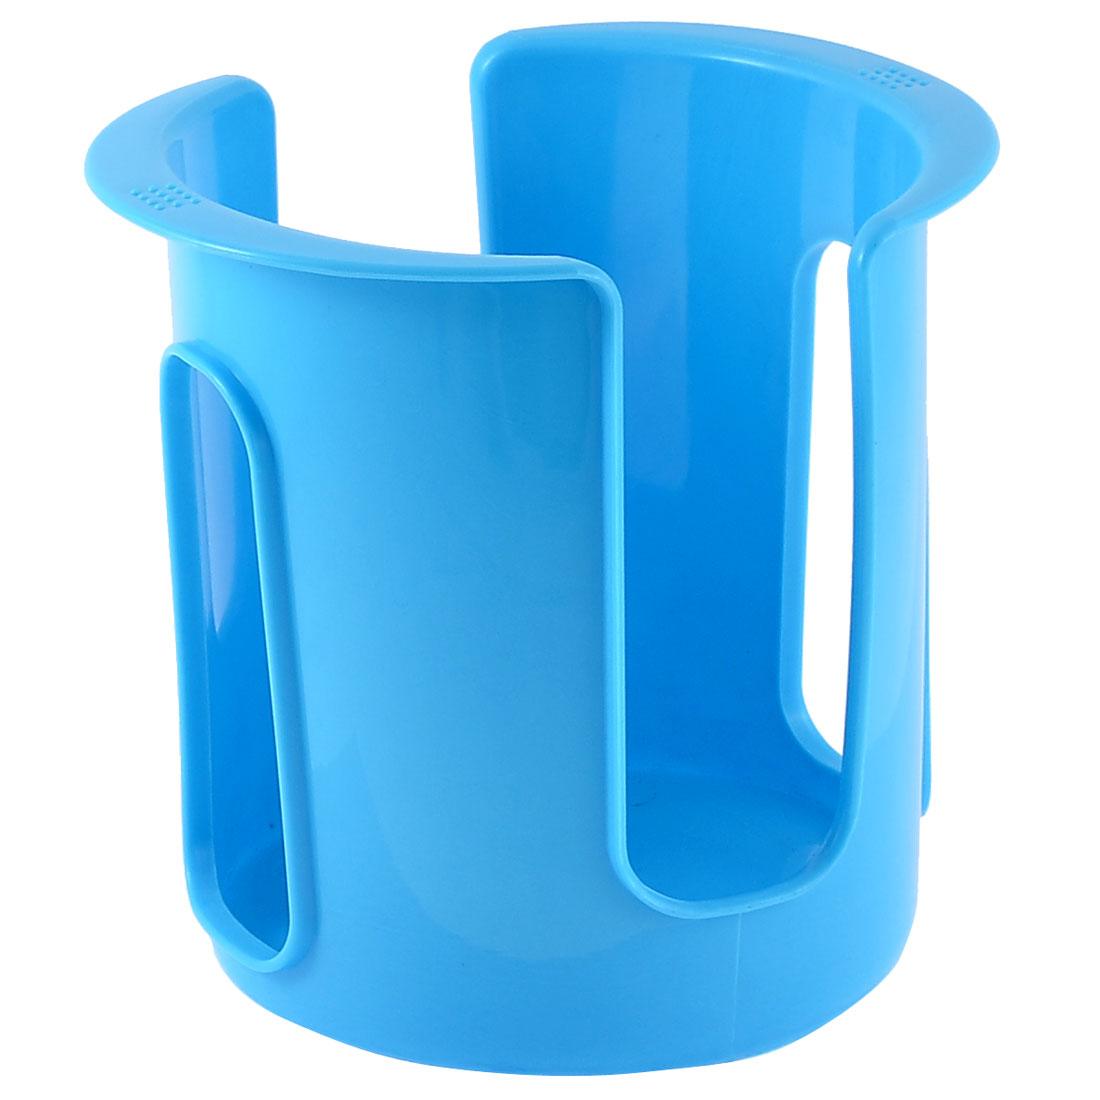 Kitchen Dish Bowl Plate Plastic Storage Organizer Drainer Holder Rack Blue